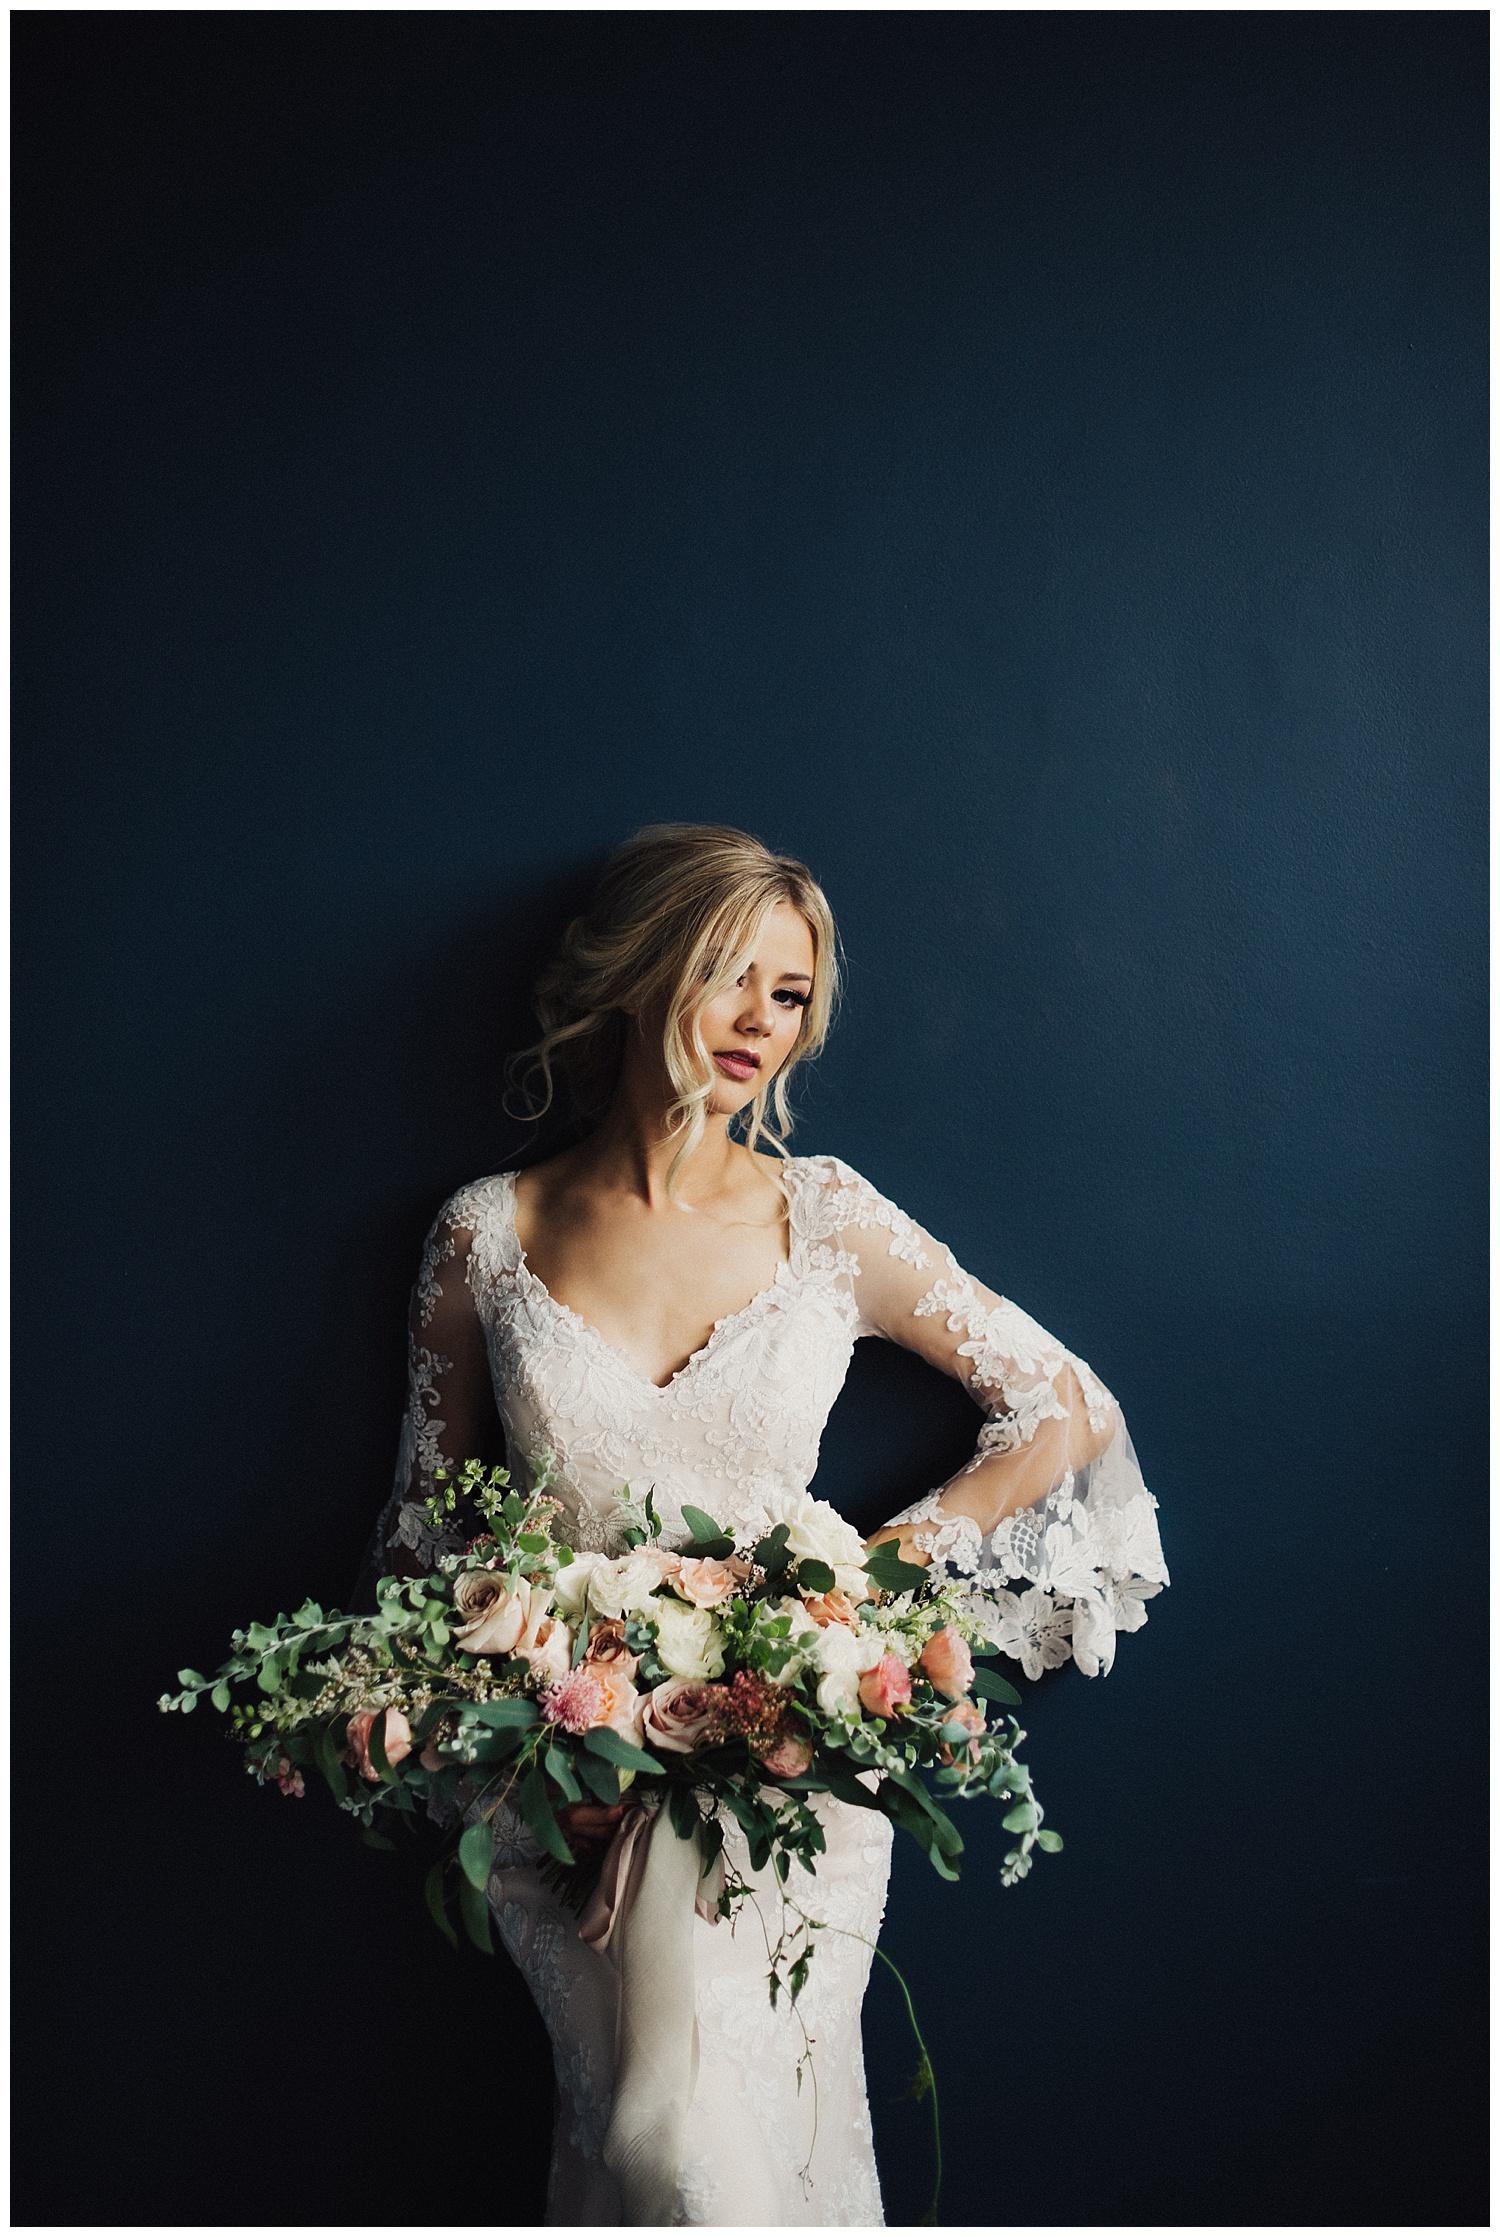 Eden Strader Wedding Photography